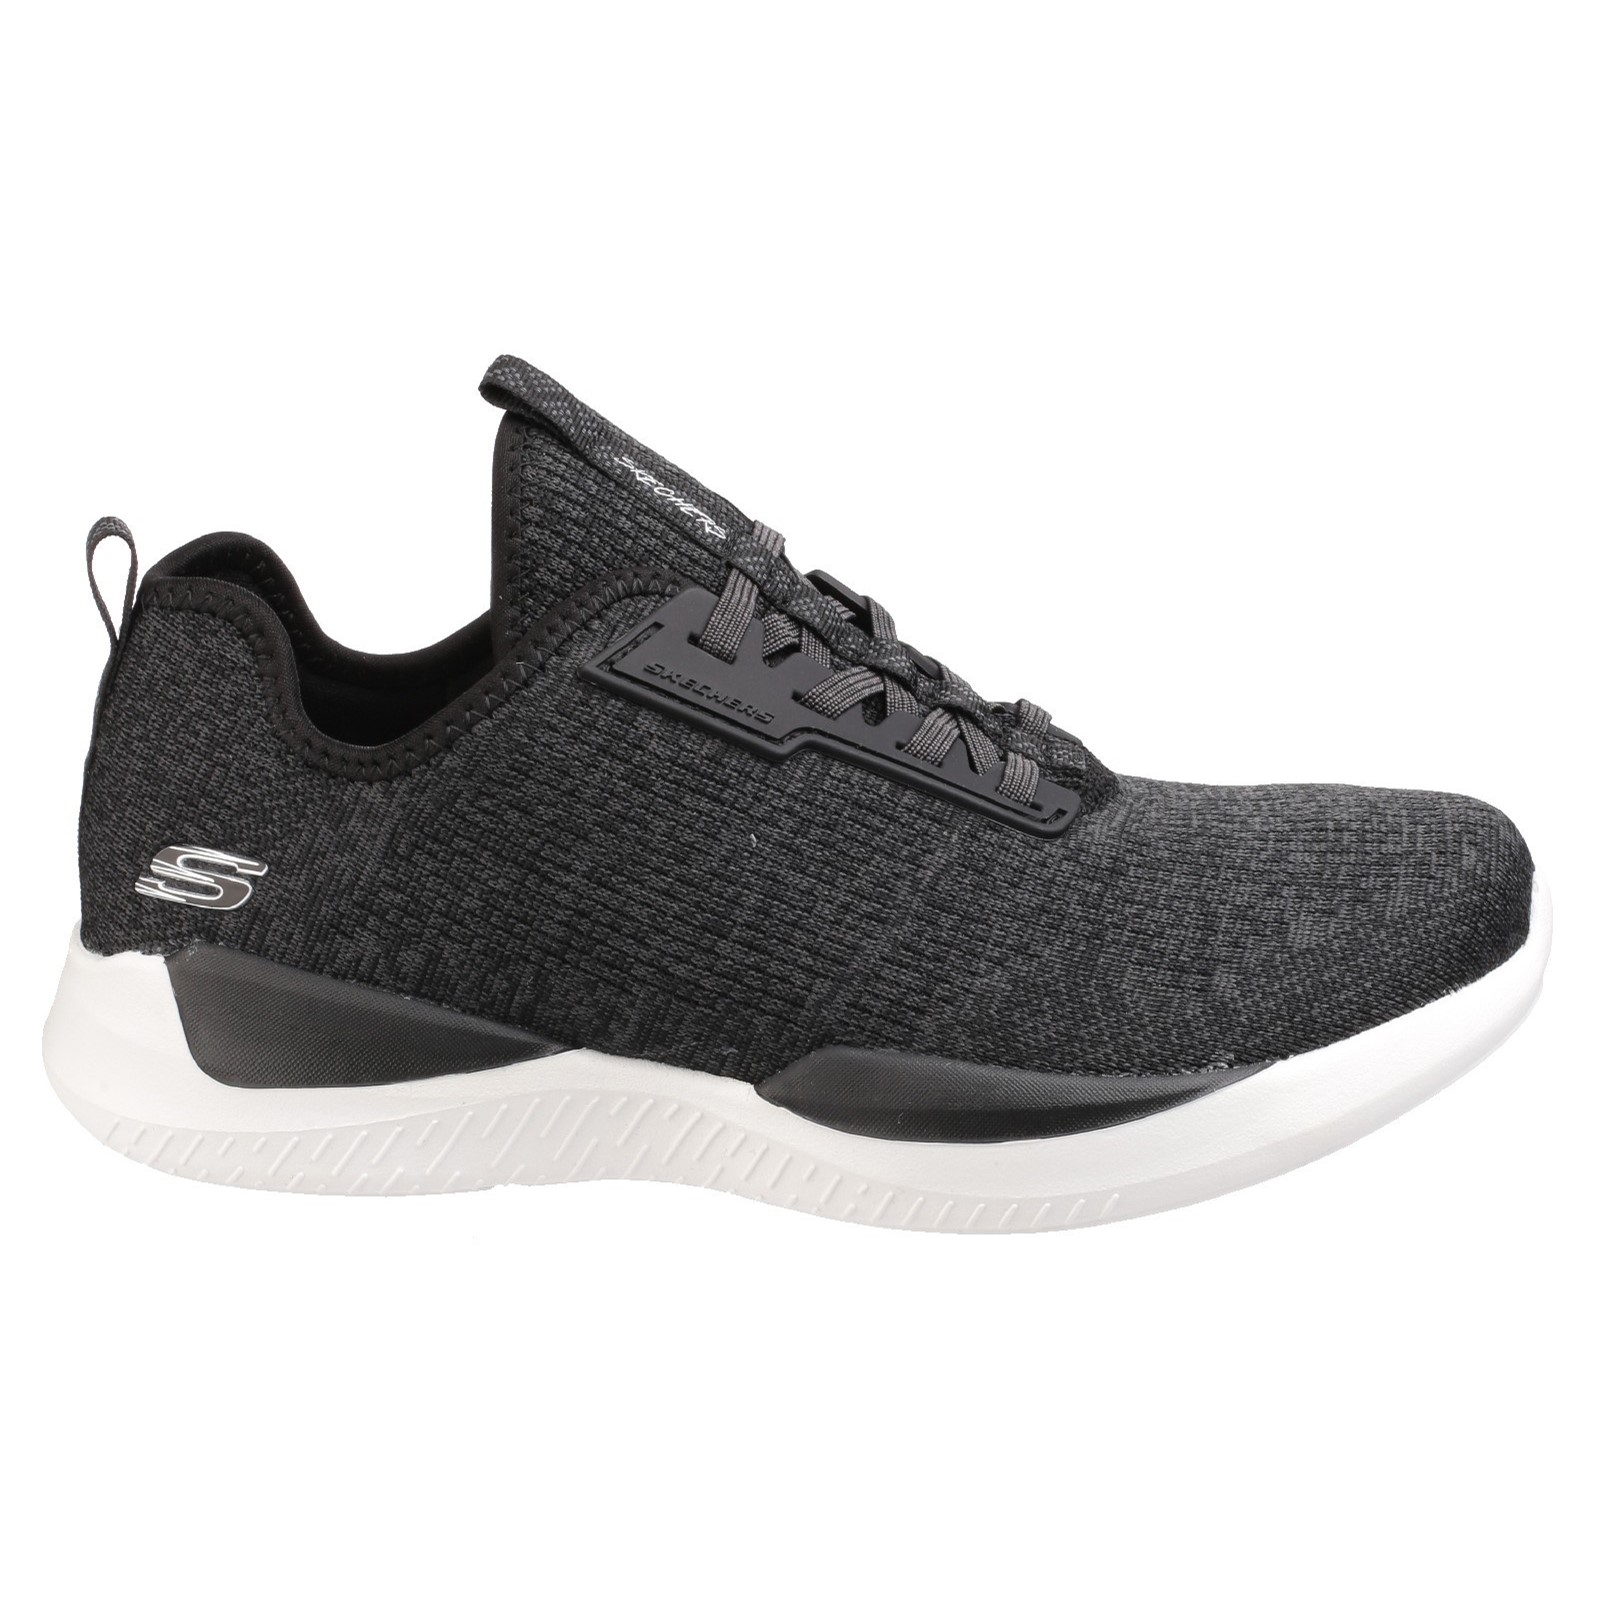 Skechers Matrixx Damen Slipper Sportschuhe Zugband Sport Schuhe ... ab77148d73